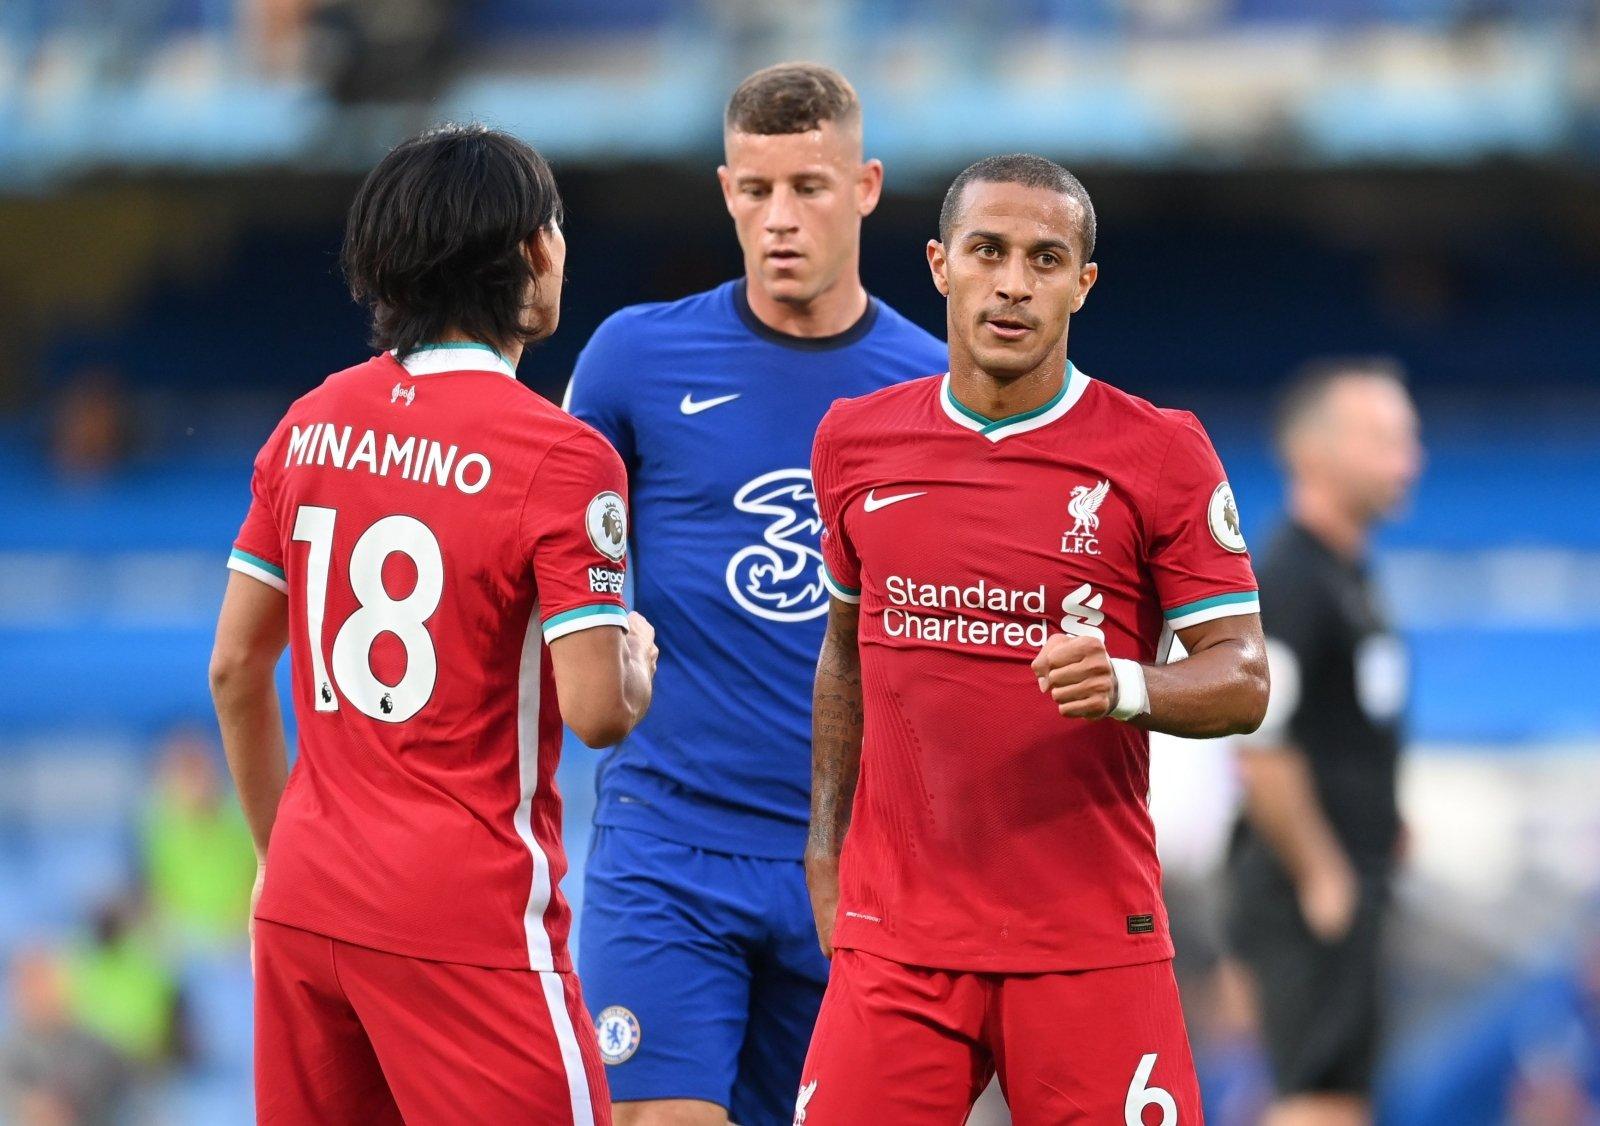 """Chelsea"""" tvirtovėje – """"Liverpool"""" dominavimas ir fantastiškas Thiago  debiutas - DELFI Sportas"""